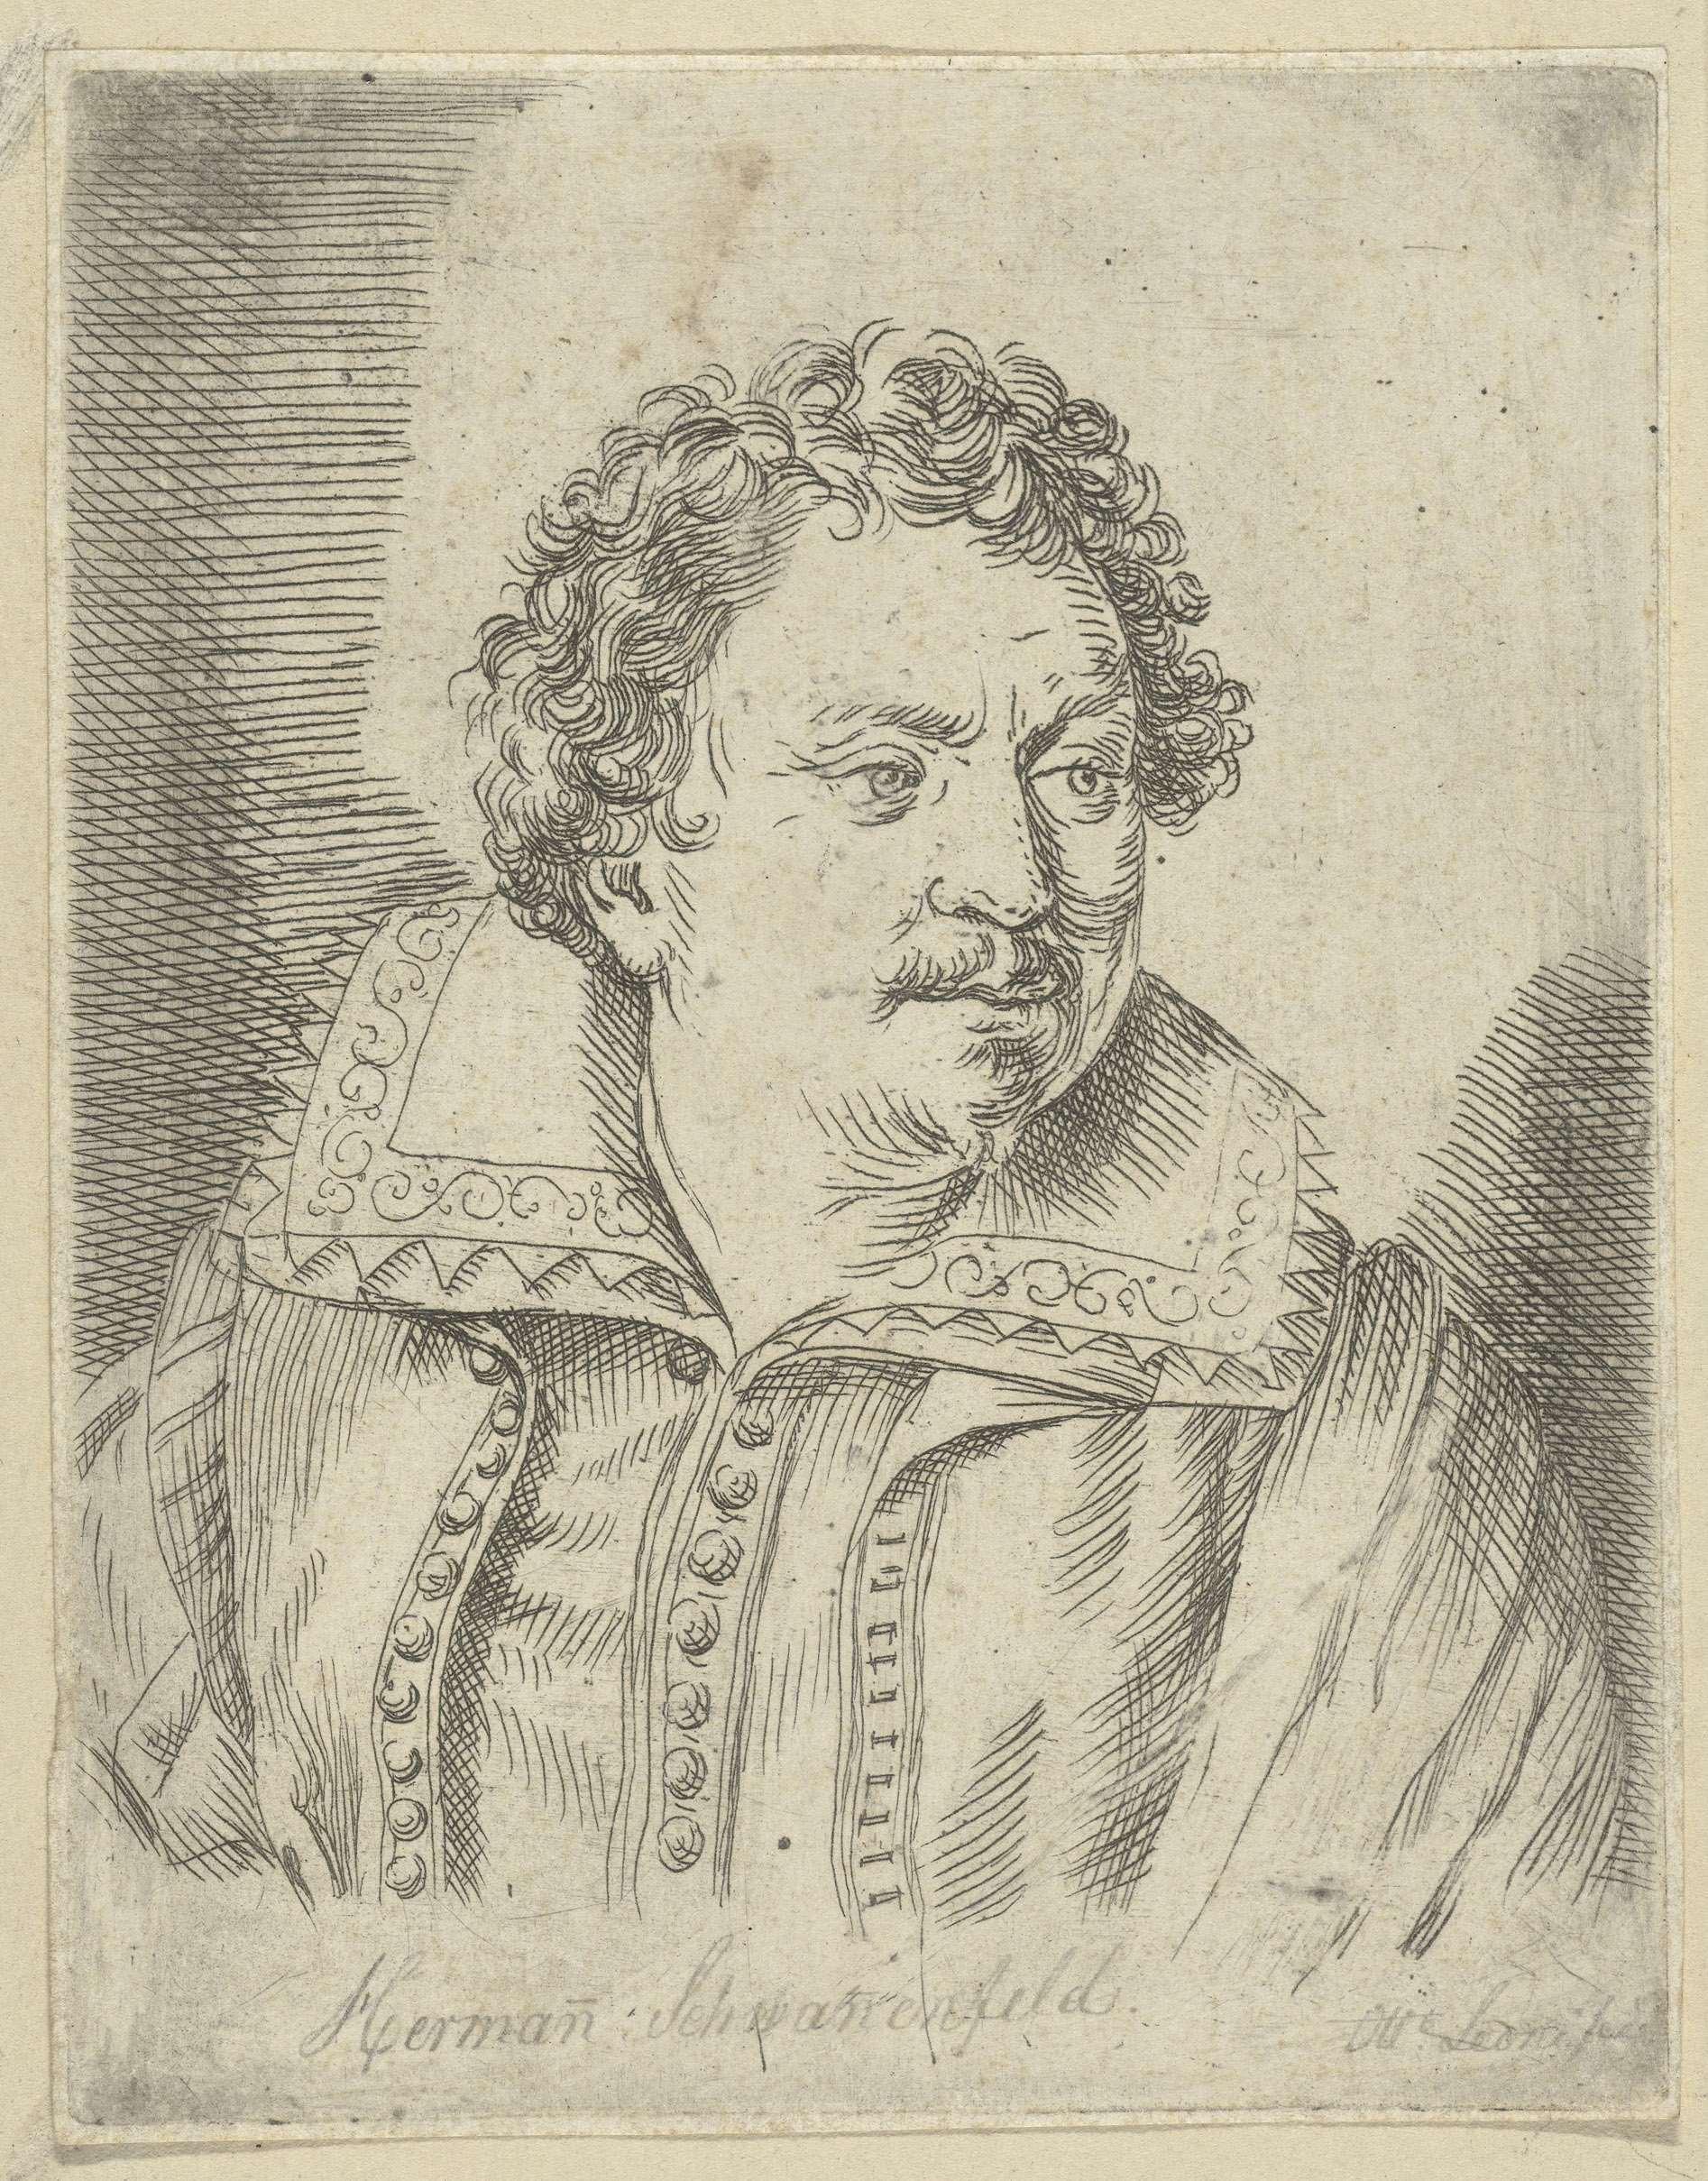 Herman van Swanevelt.